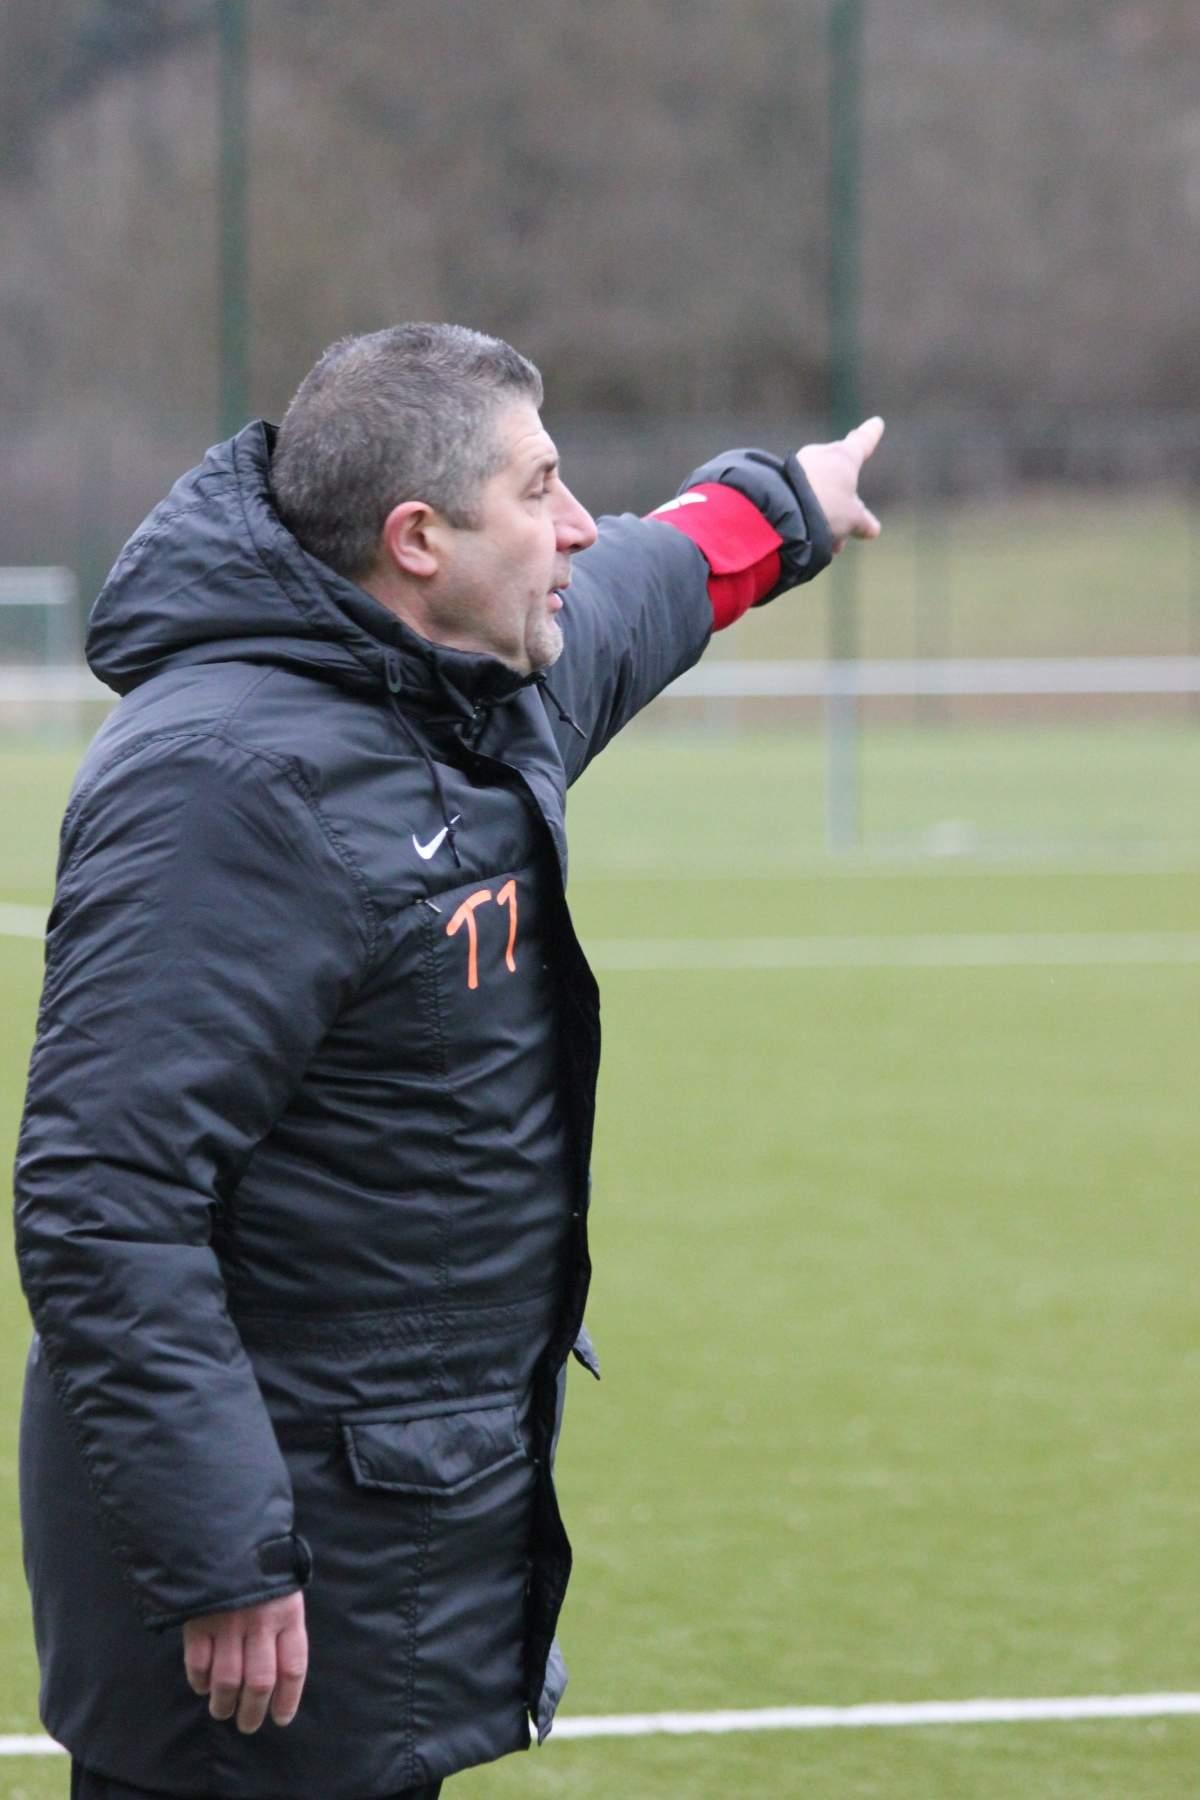 actualit u00e9 - pol leemans entraineur de l u0026 39 ann u00e9e     - club football rrc mormont